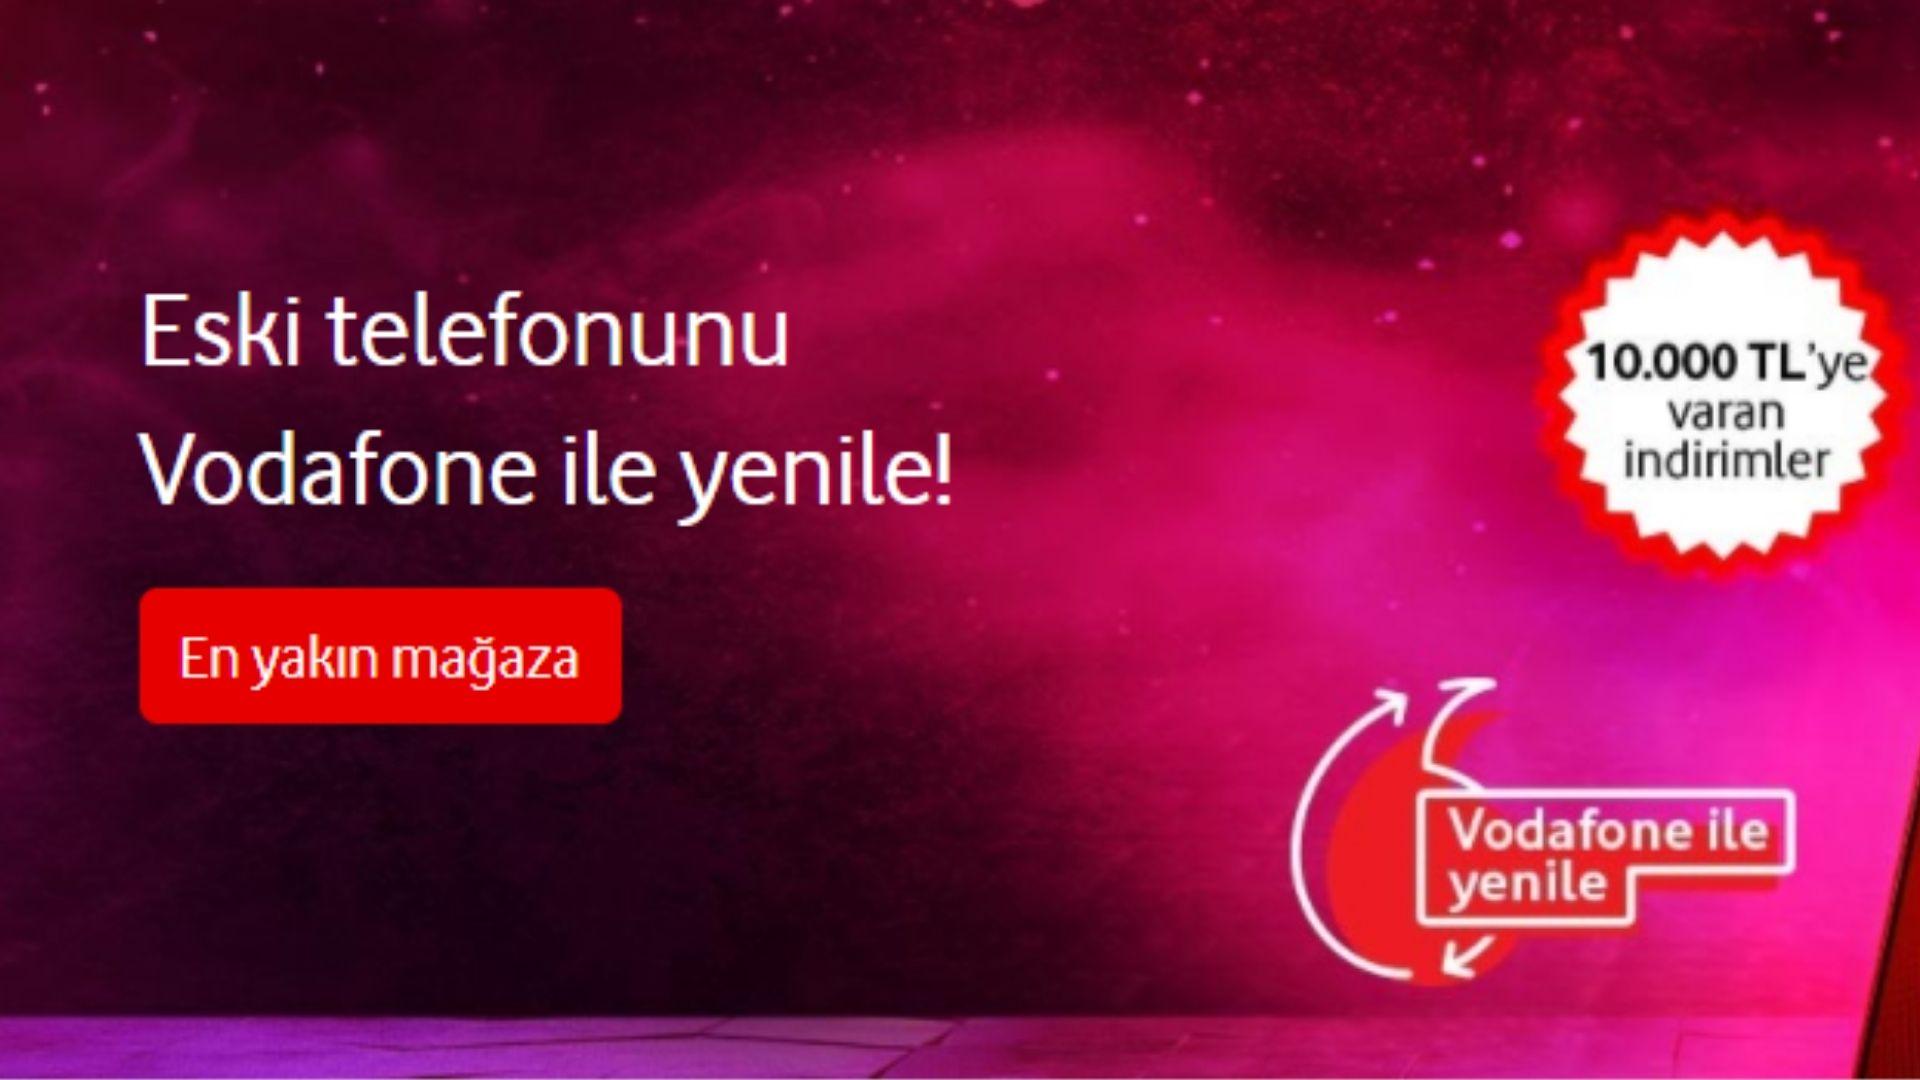 Vodafone eskiyi getir yeniyi götür kampanyası